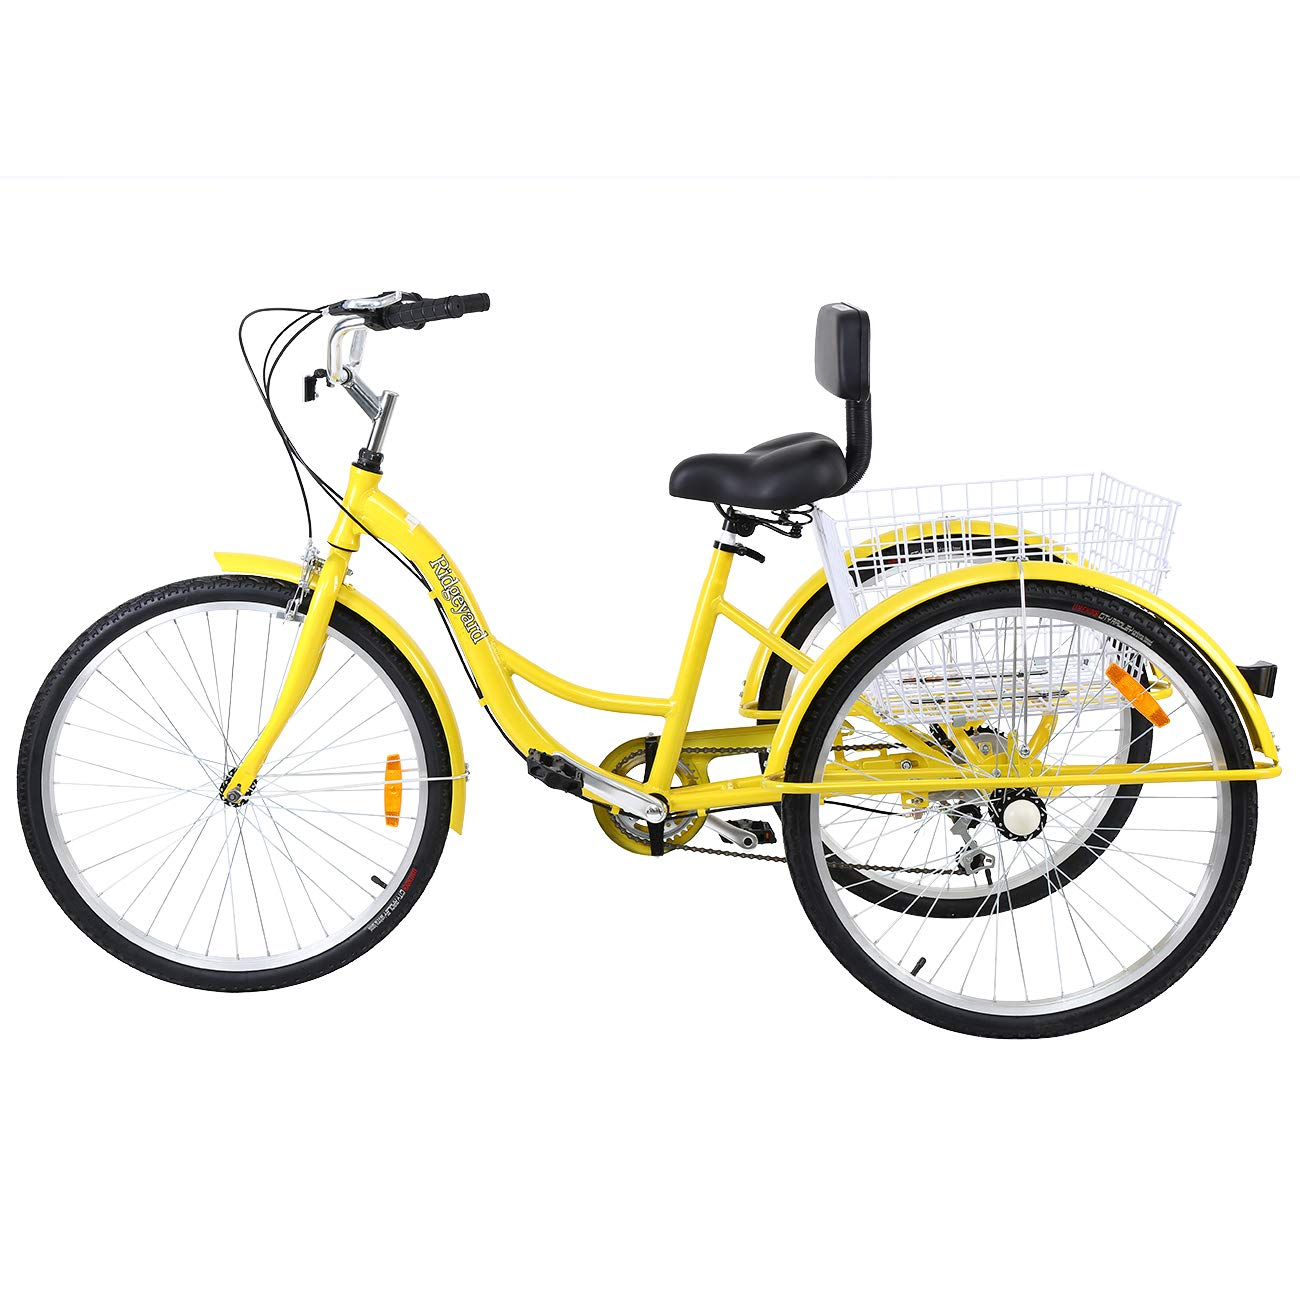 Amarillo MuGuang Triciclo Adulto 26 7 velocidades Bicicleta 3 Ruedas Adulto con Cesta de la Compra